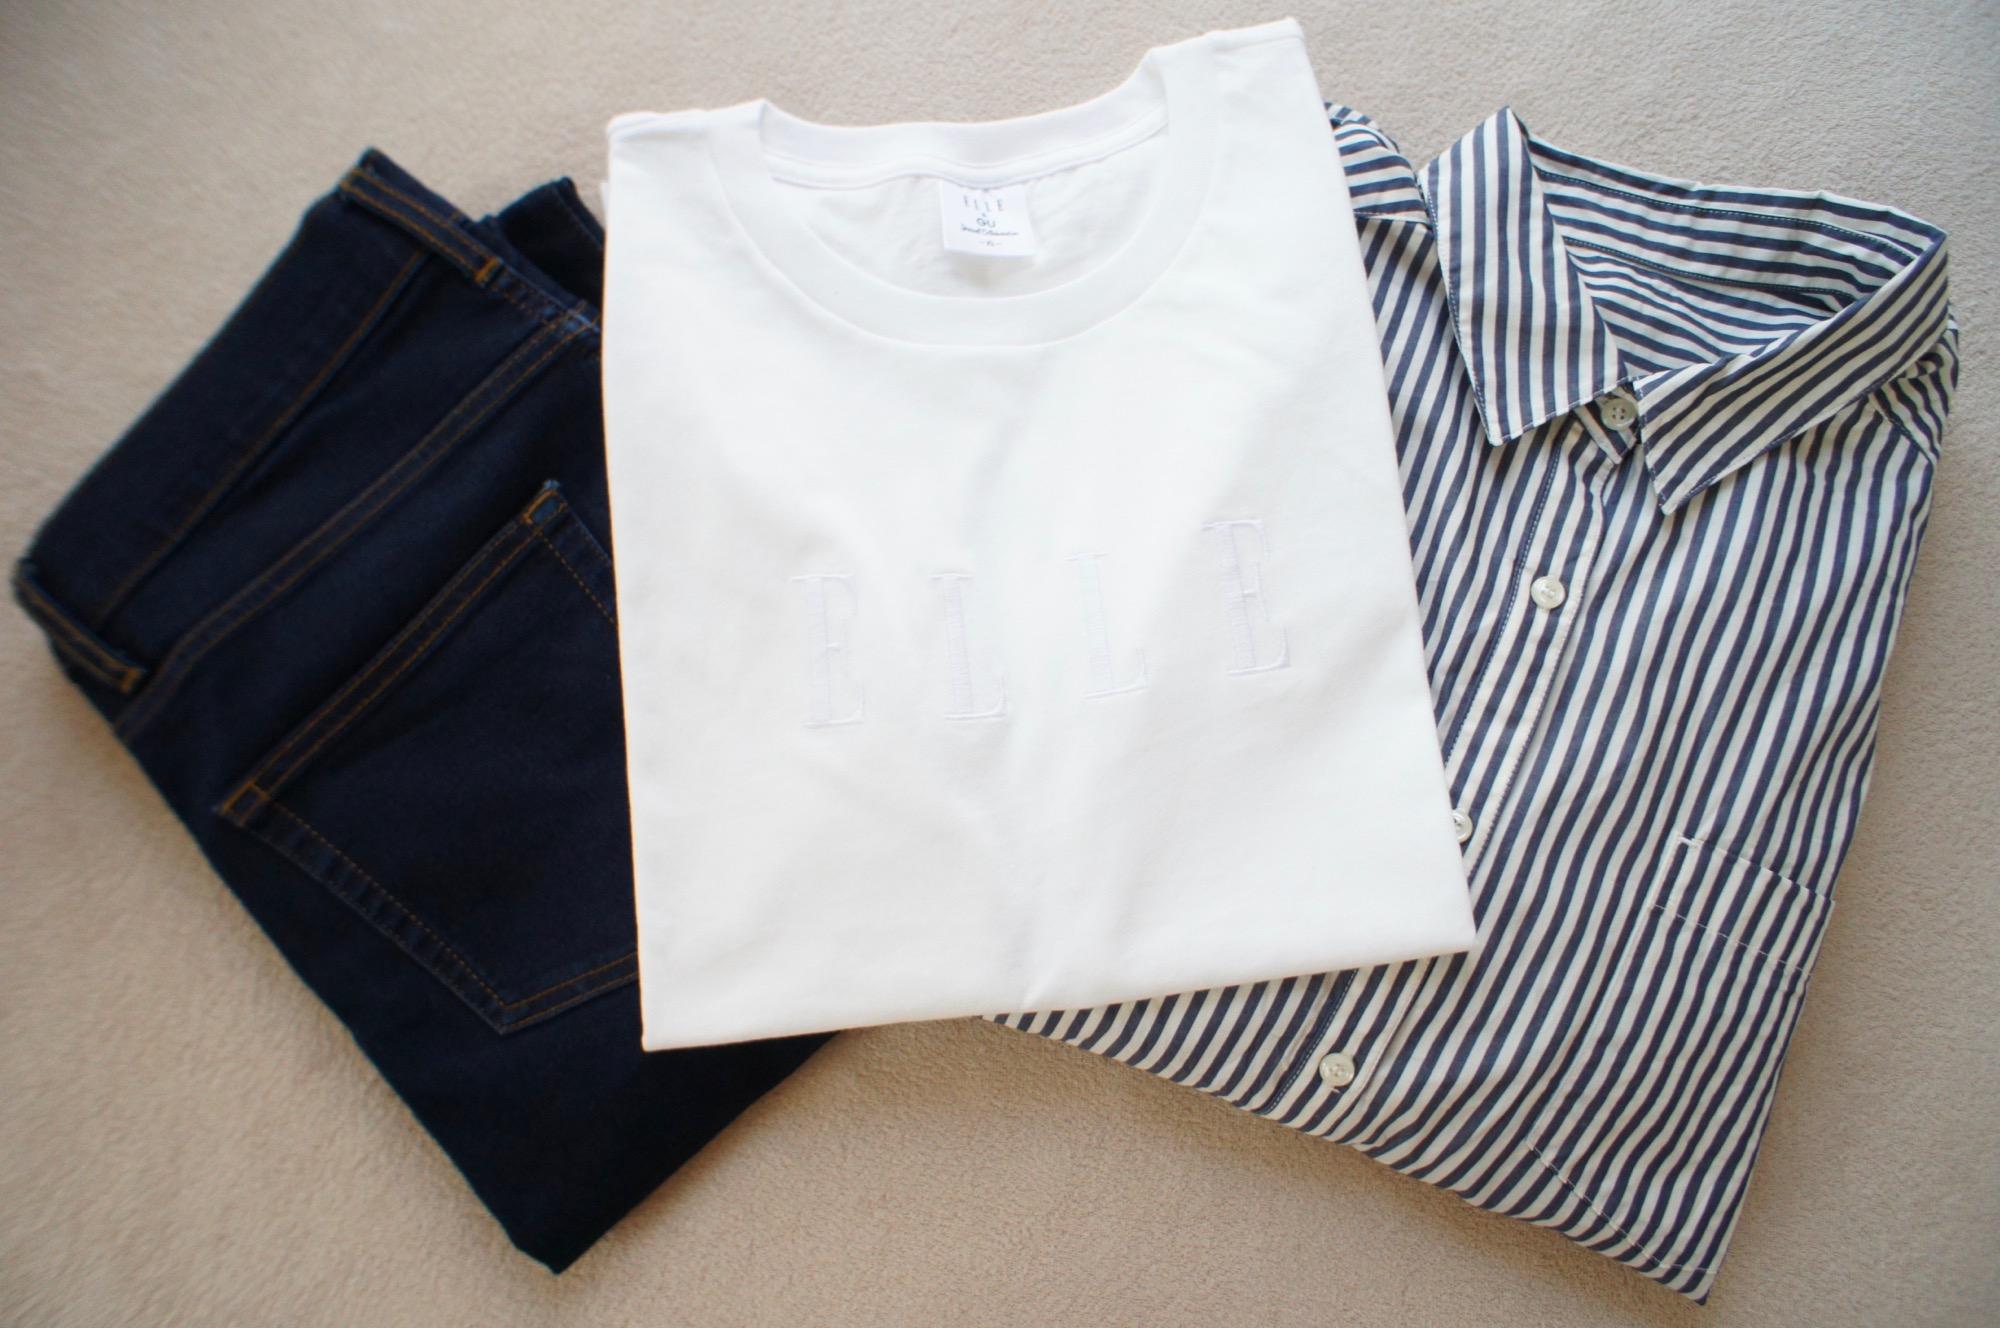 《一瞬で売り切れた!❤️》話題の【GU × ELLE】コラボTシャツを奇跡的にgetしました☻_3